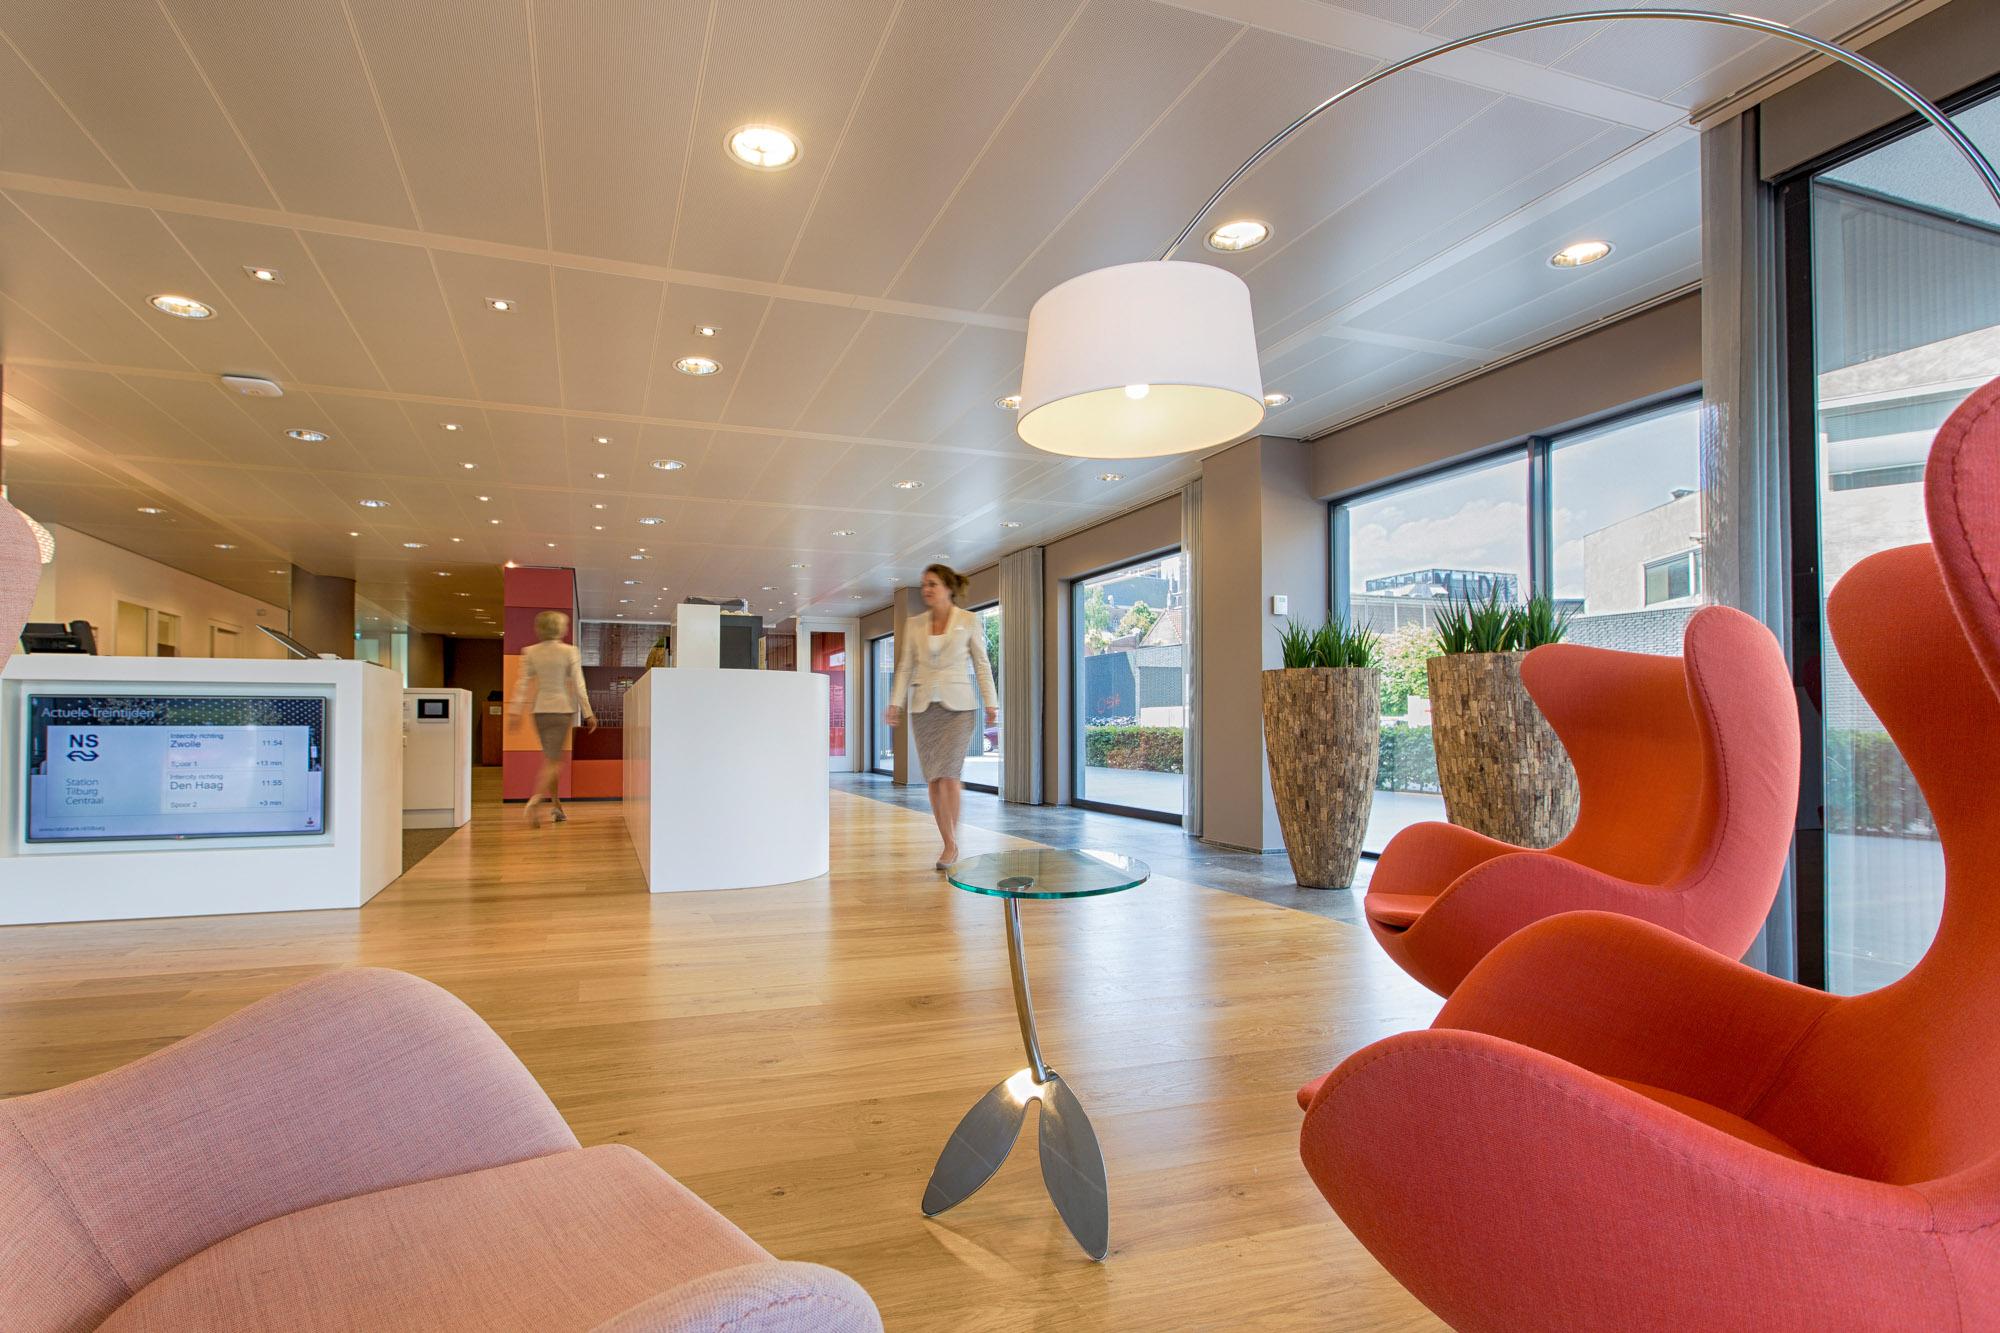 Architectonische foto gemaakt tijdens een bedrijfsreportages voor een architecten bureau Van Oers en Weijers.